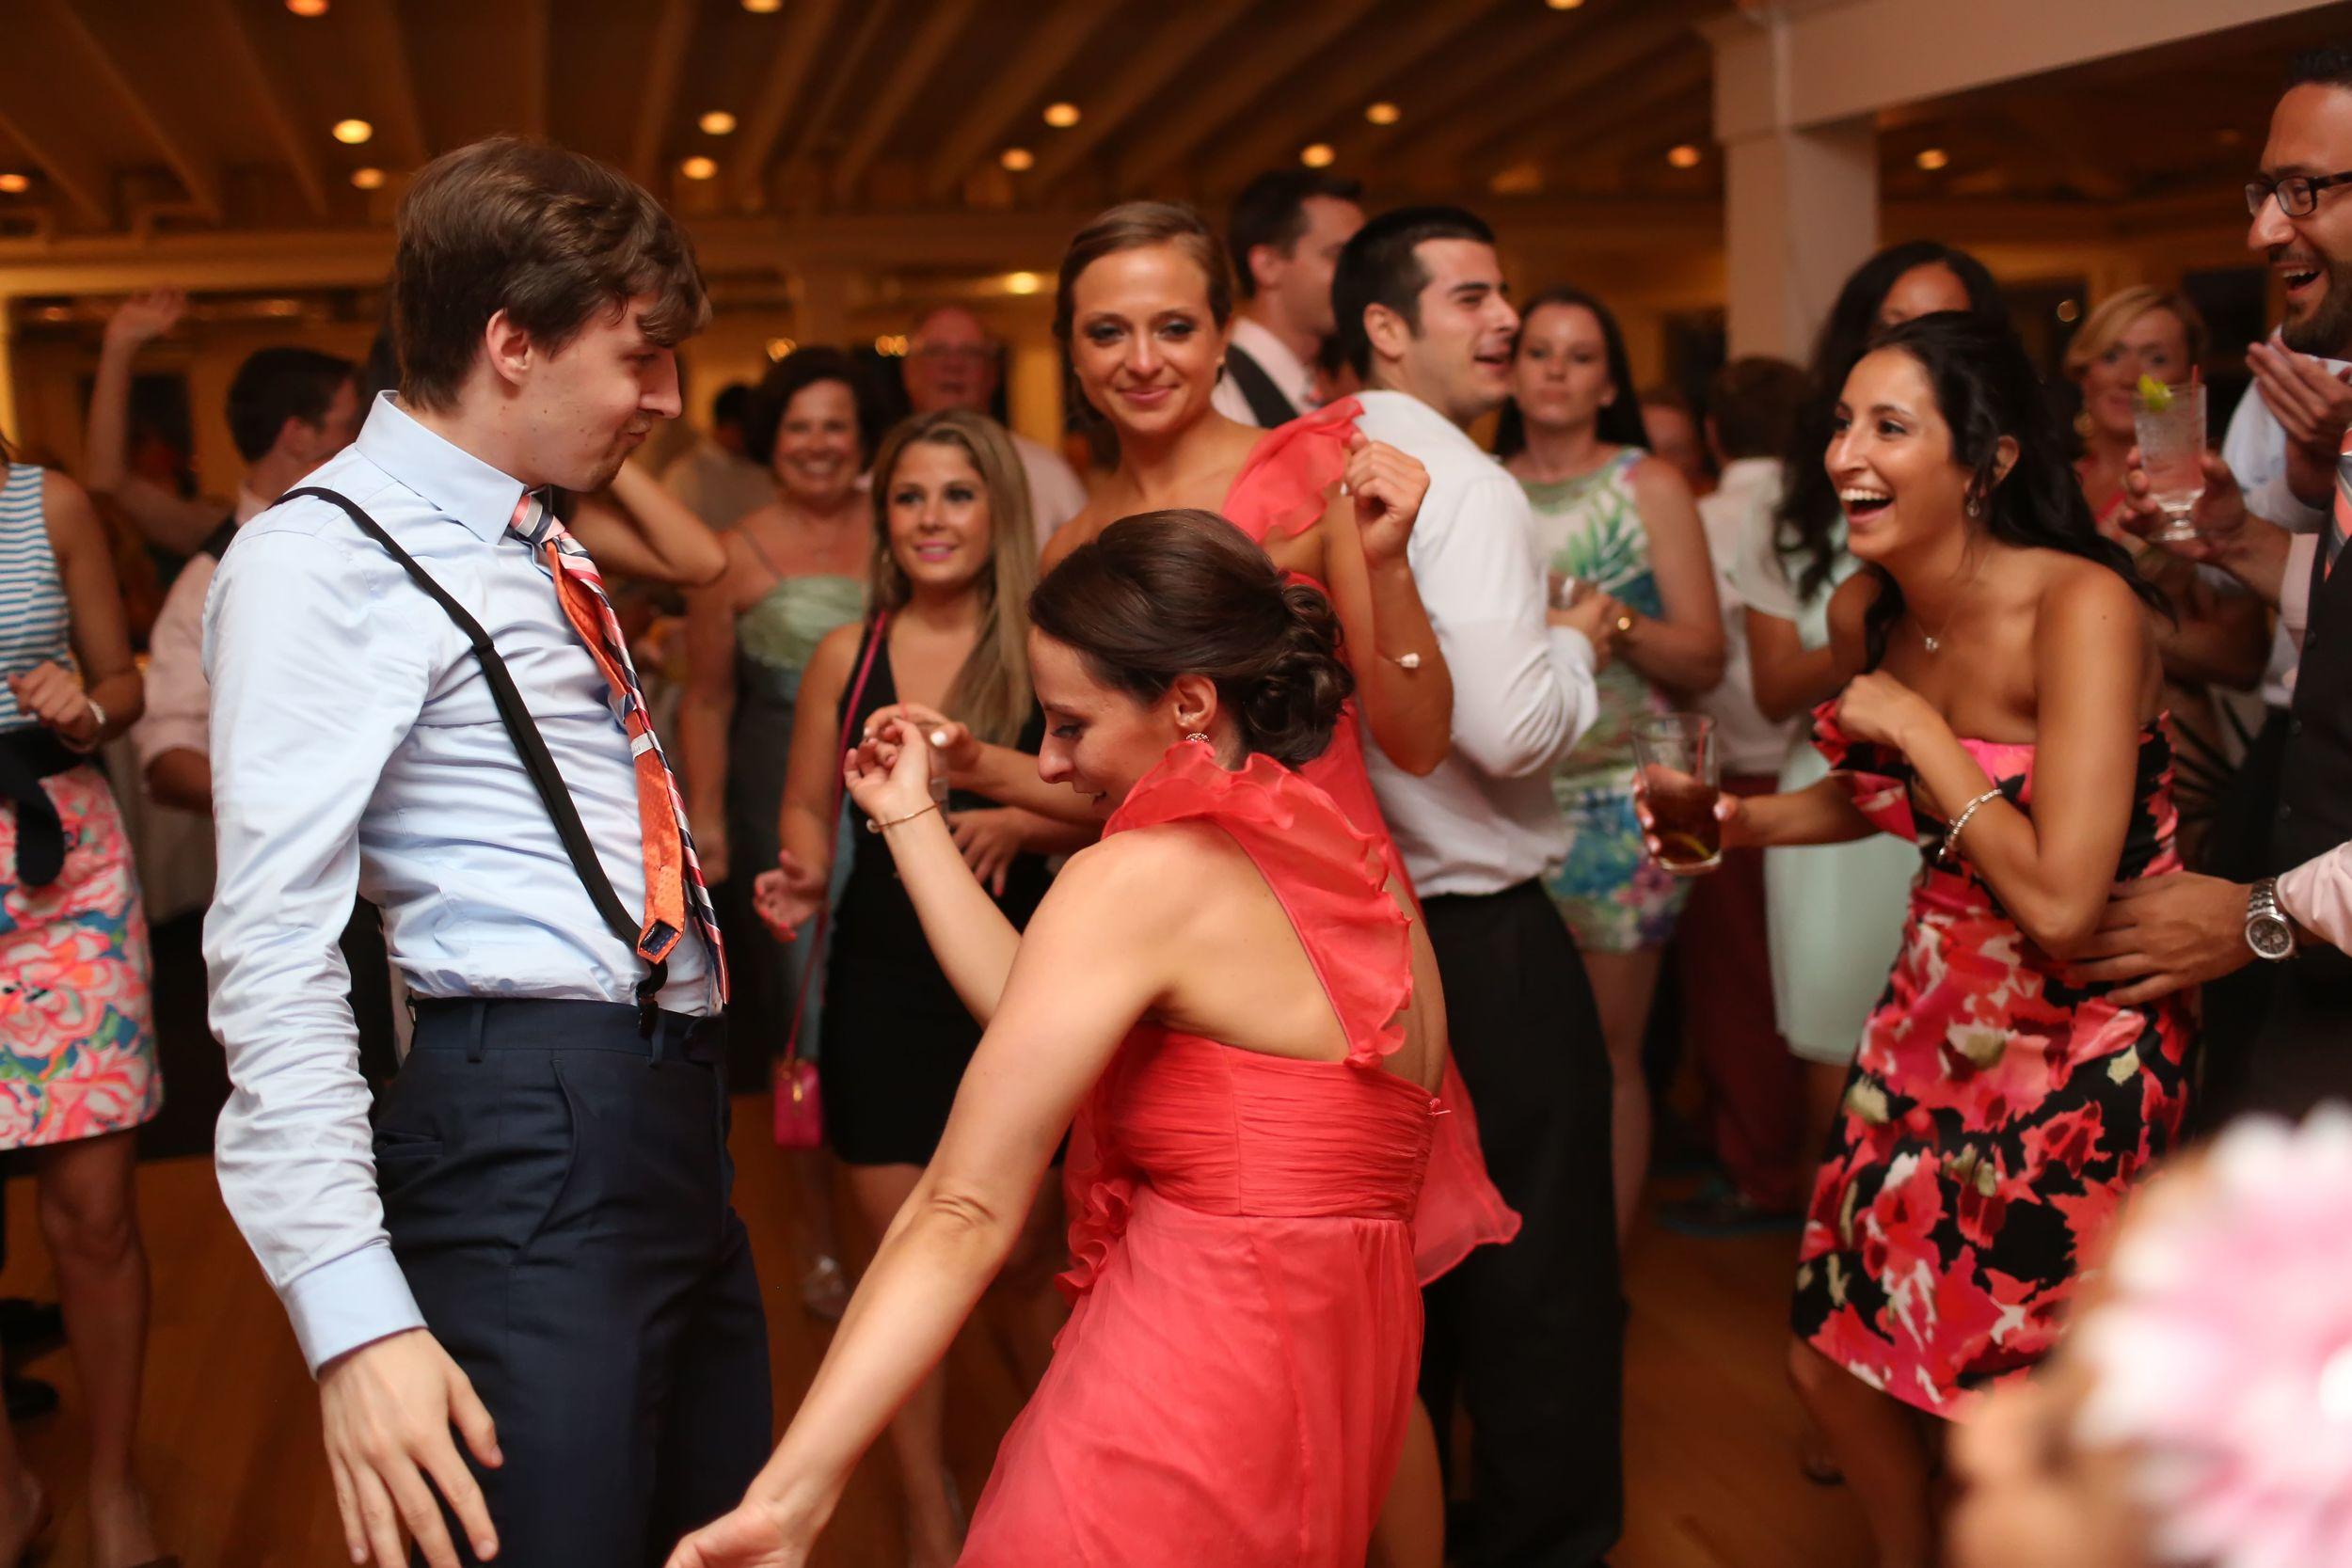 Milford Yacht Club Wedding Fairfield County Wedding Amy Champagne Events57.jpg